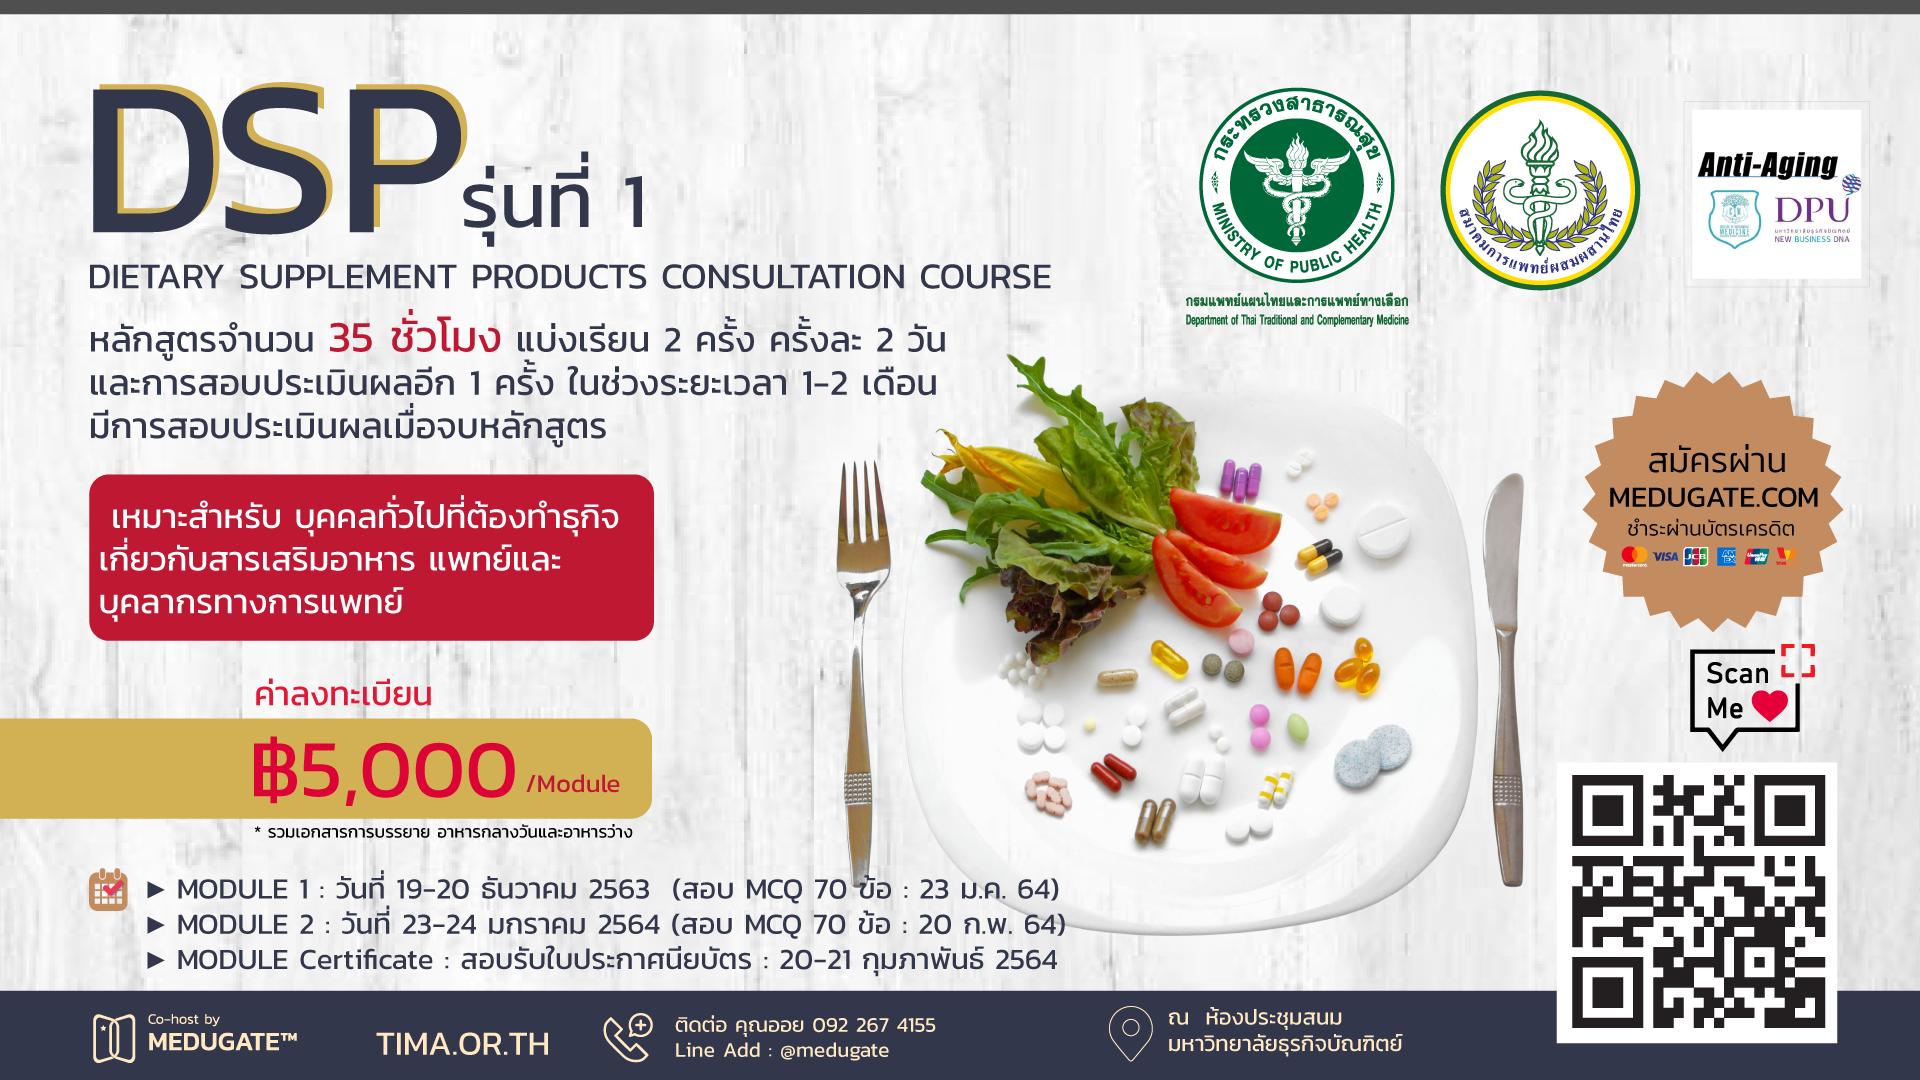 งานอบรมหลักสูตรผู้เชี่ยวชาญด้าน การแนะนำผลิตภัณฑ์สารเสริมอาหาร DSP รุ่นที่ 1